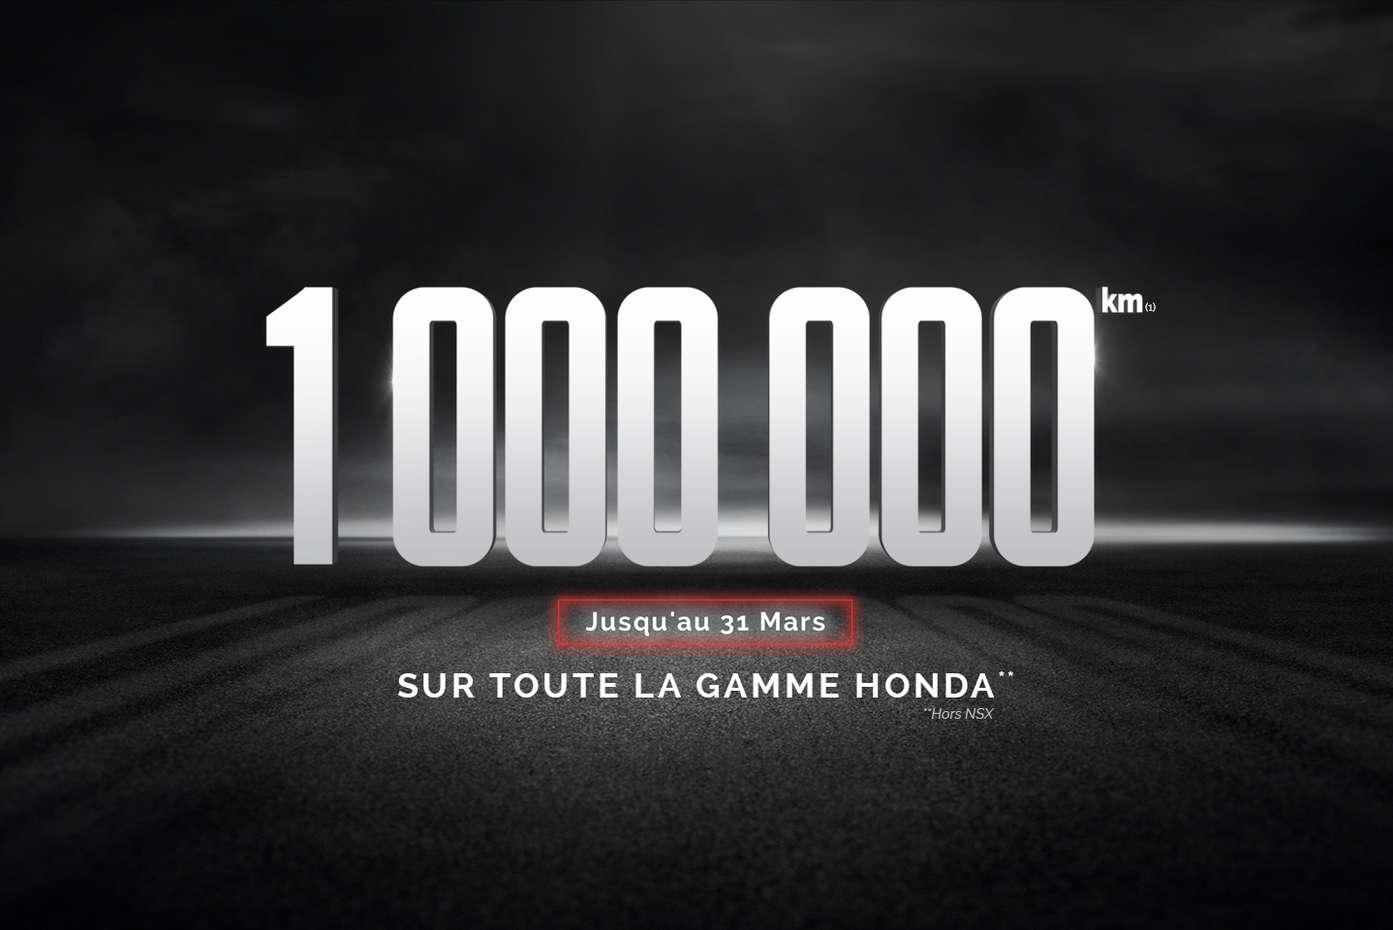 Honda France relance la garantie d'un million de kilomètres